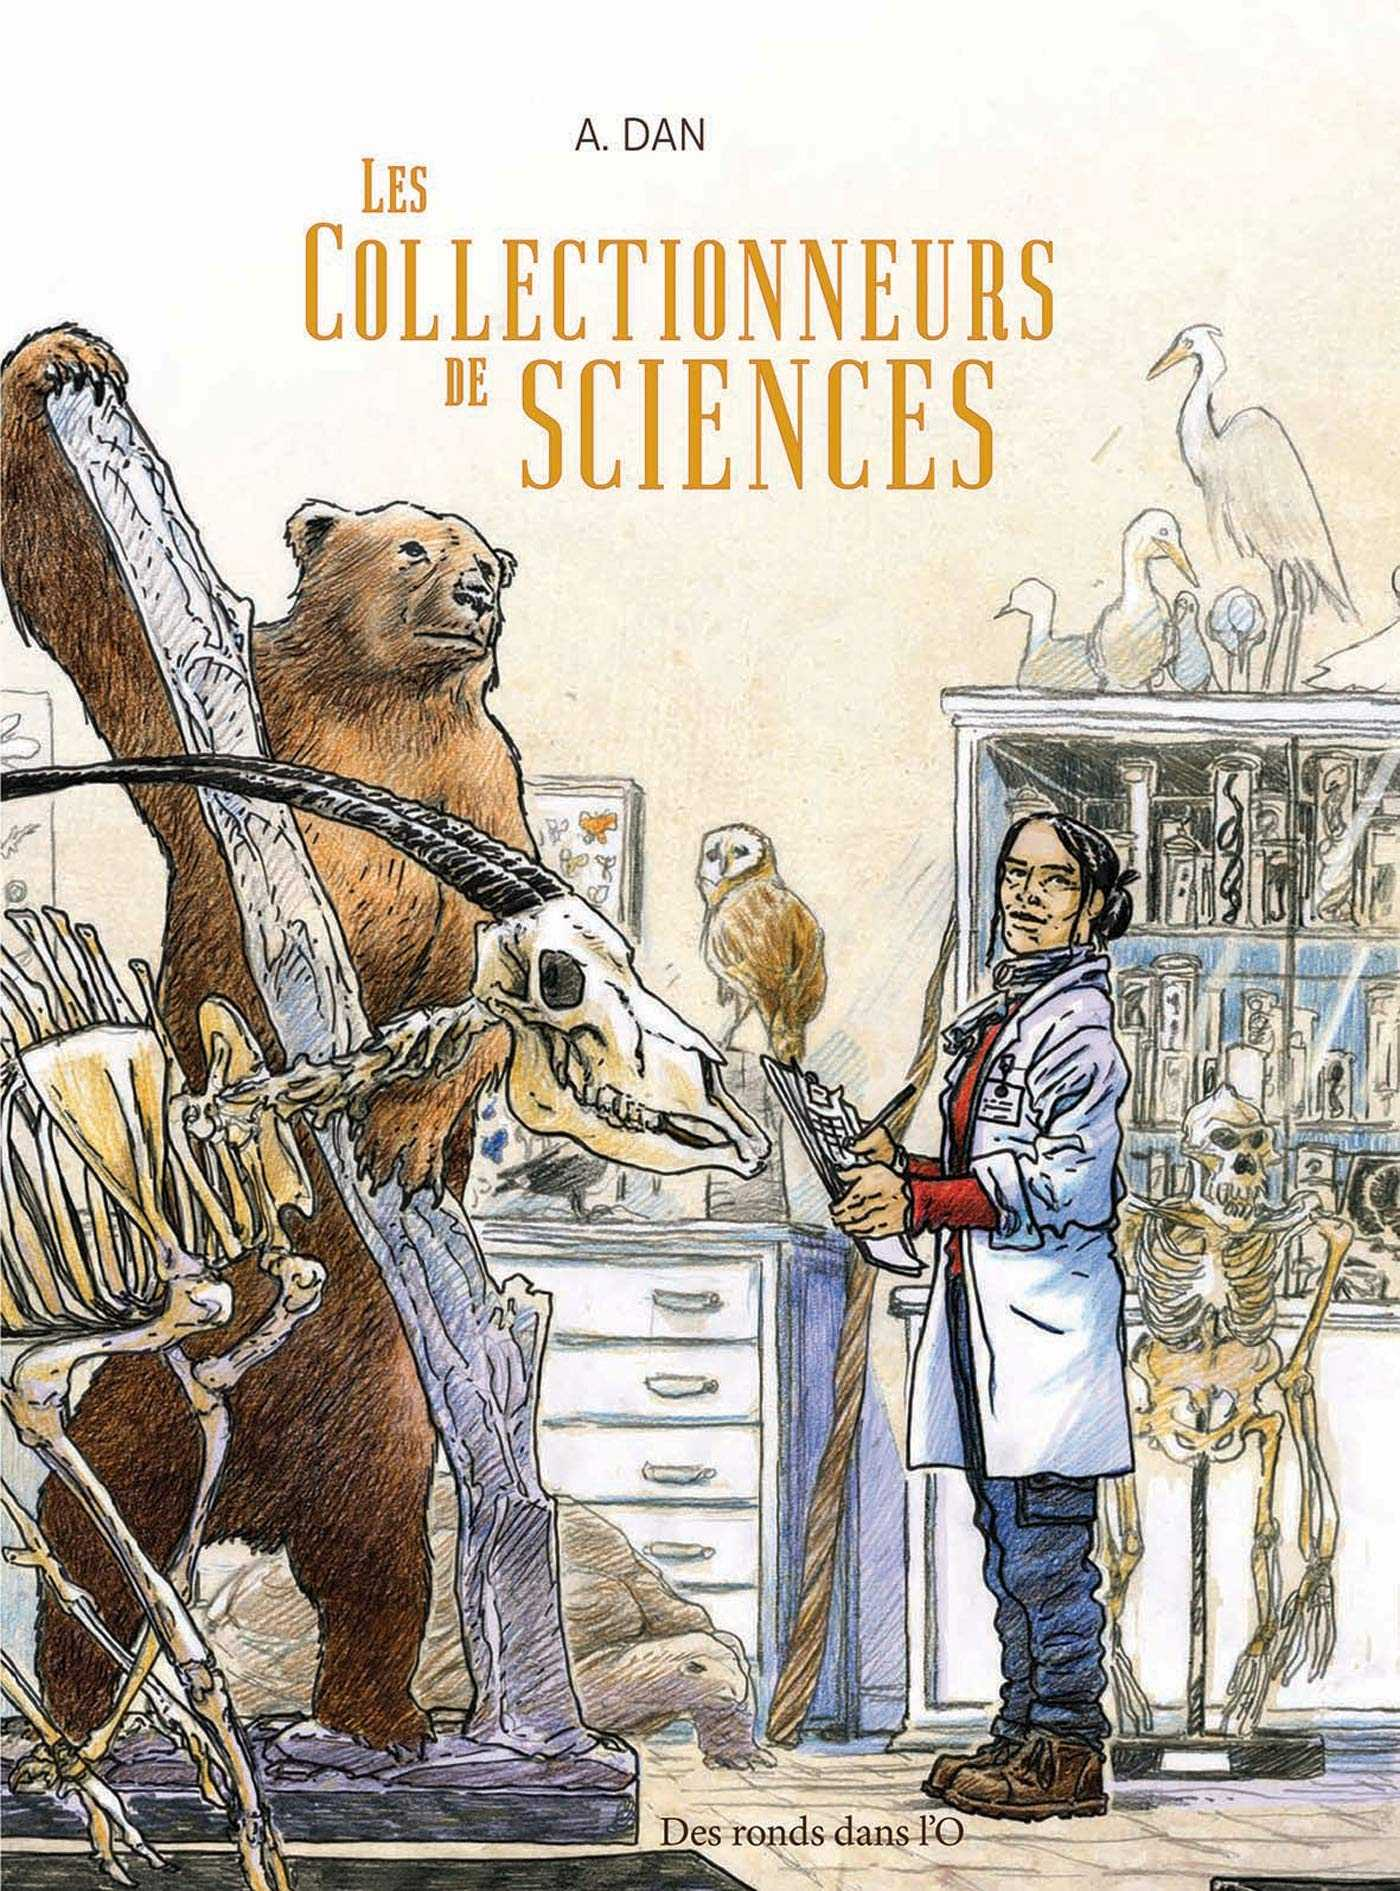 Les Collectionneurs de sciences, un reportage au cœur de trésors méconnus